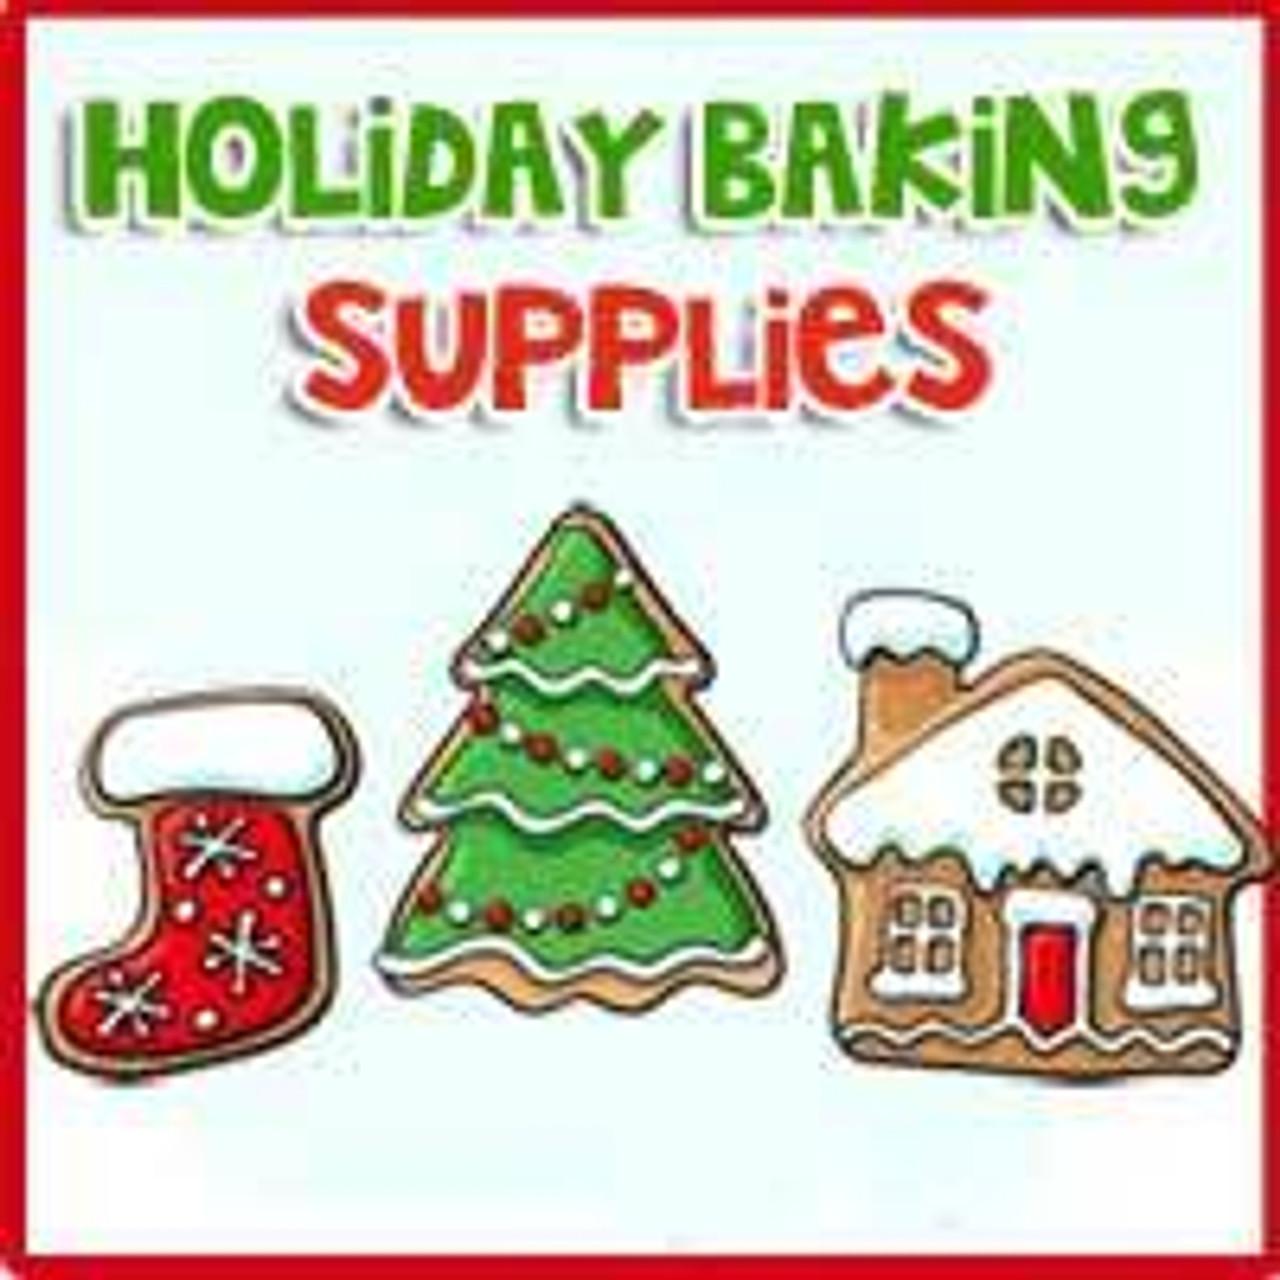 Holiday Baking Supplies Selections